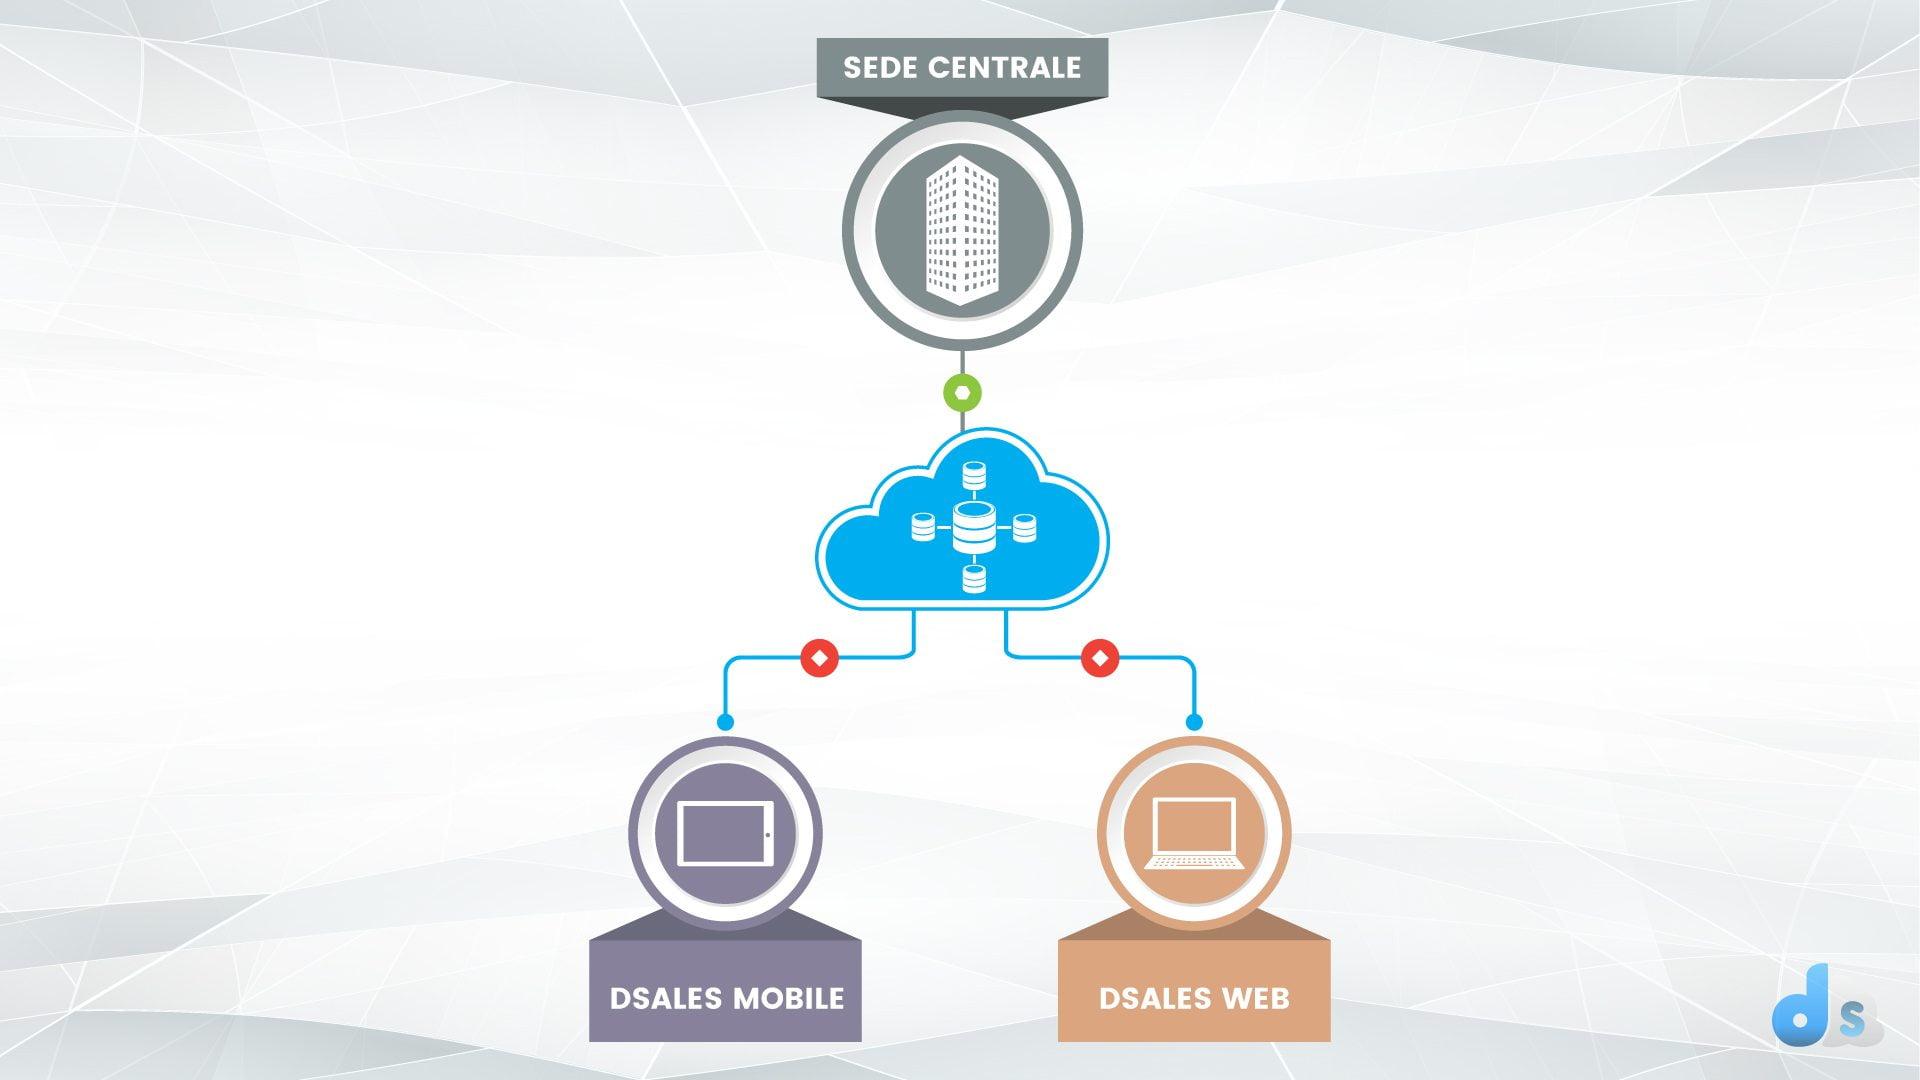 architettura_basata_su_comunicazione_internet_tipo_asincrono_dsasles.it